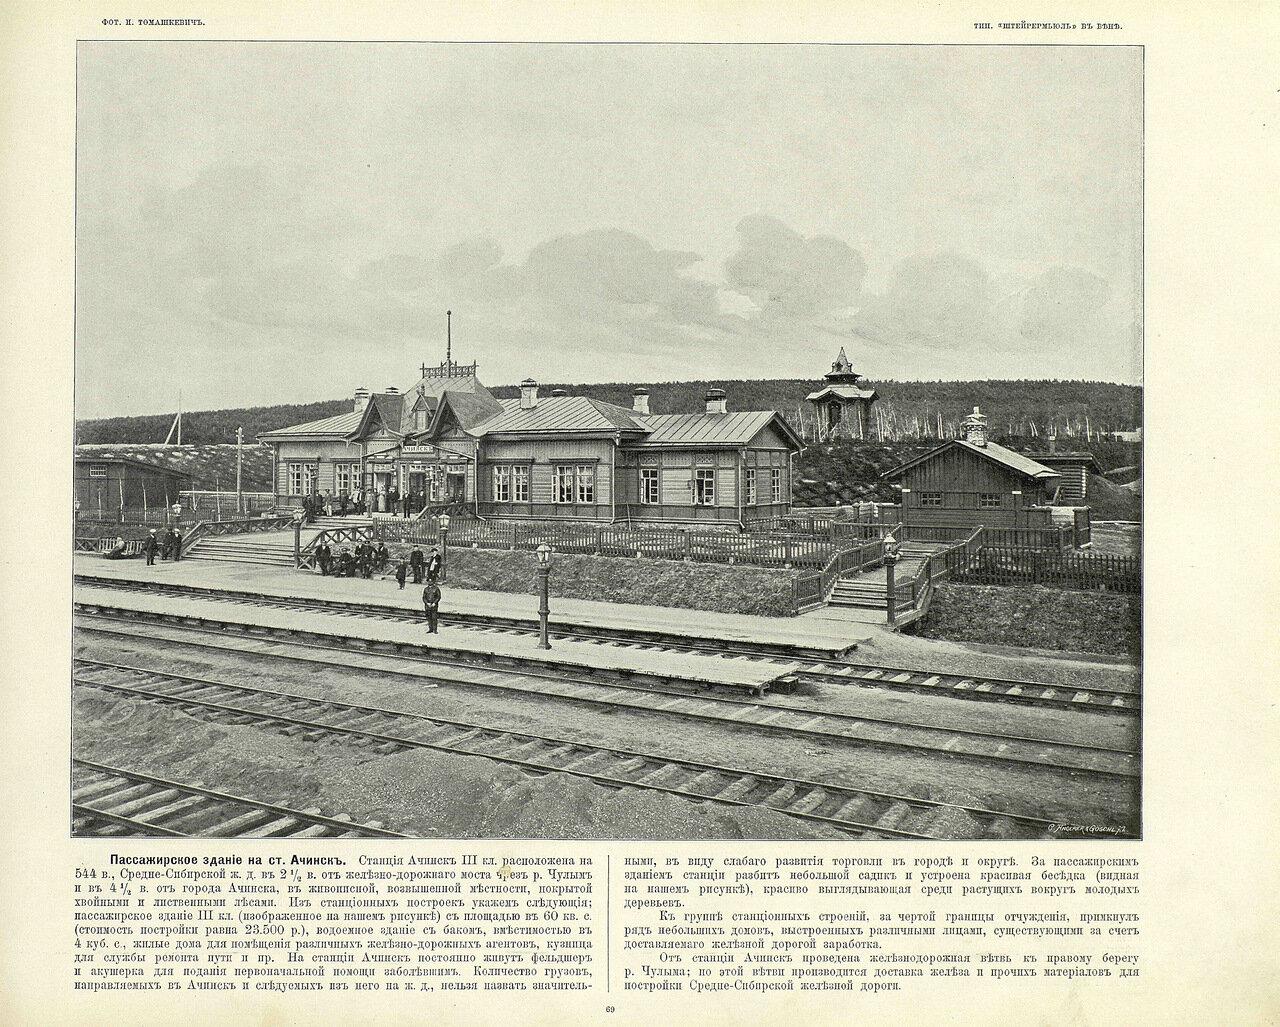 69. Пассажирское здание на станции Ачинск